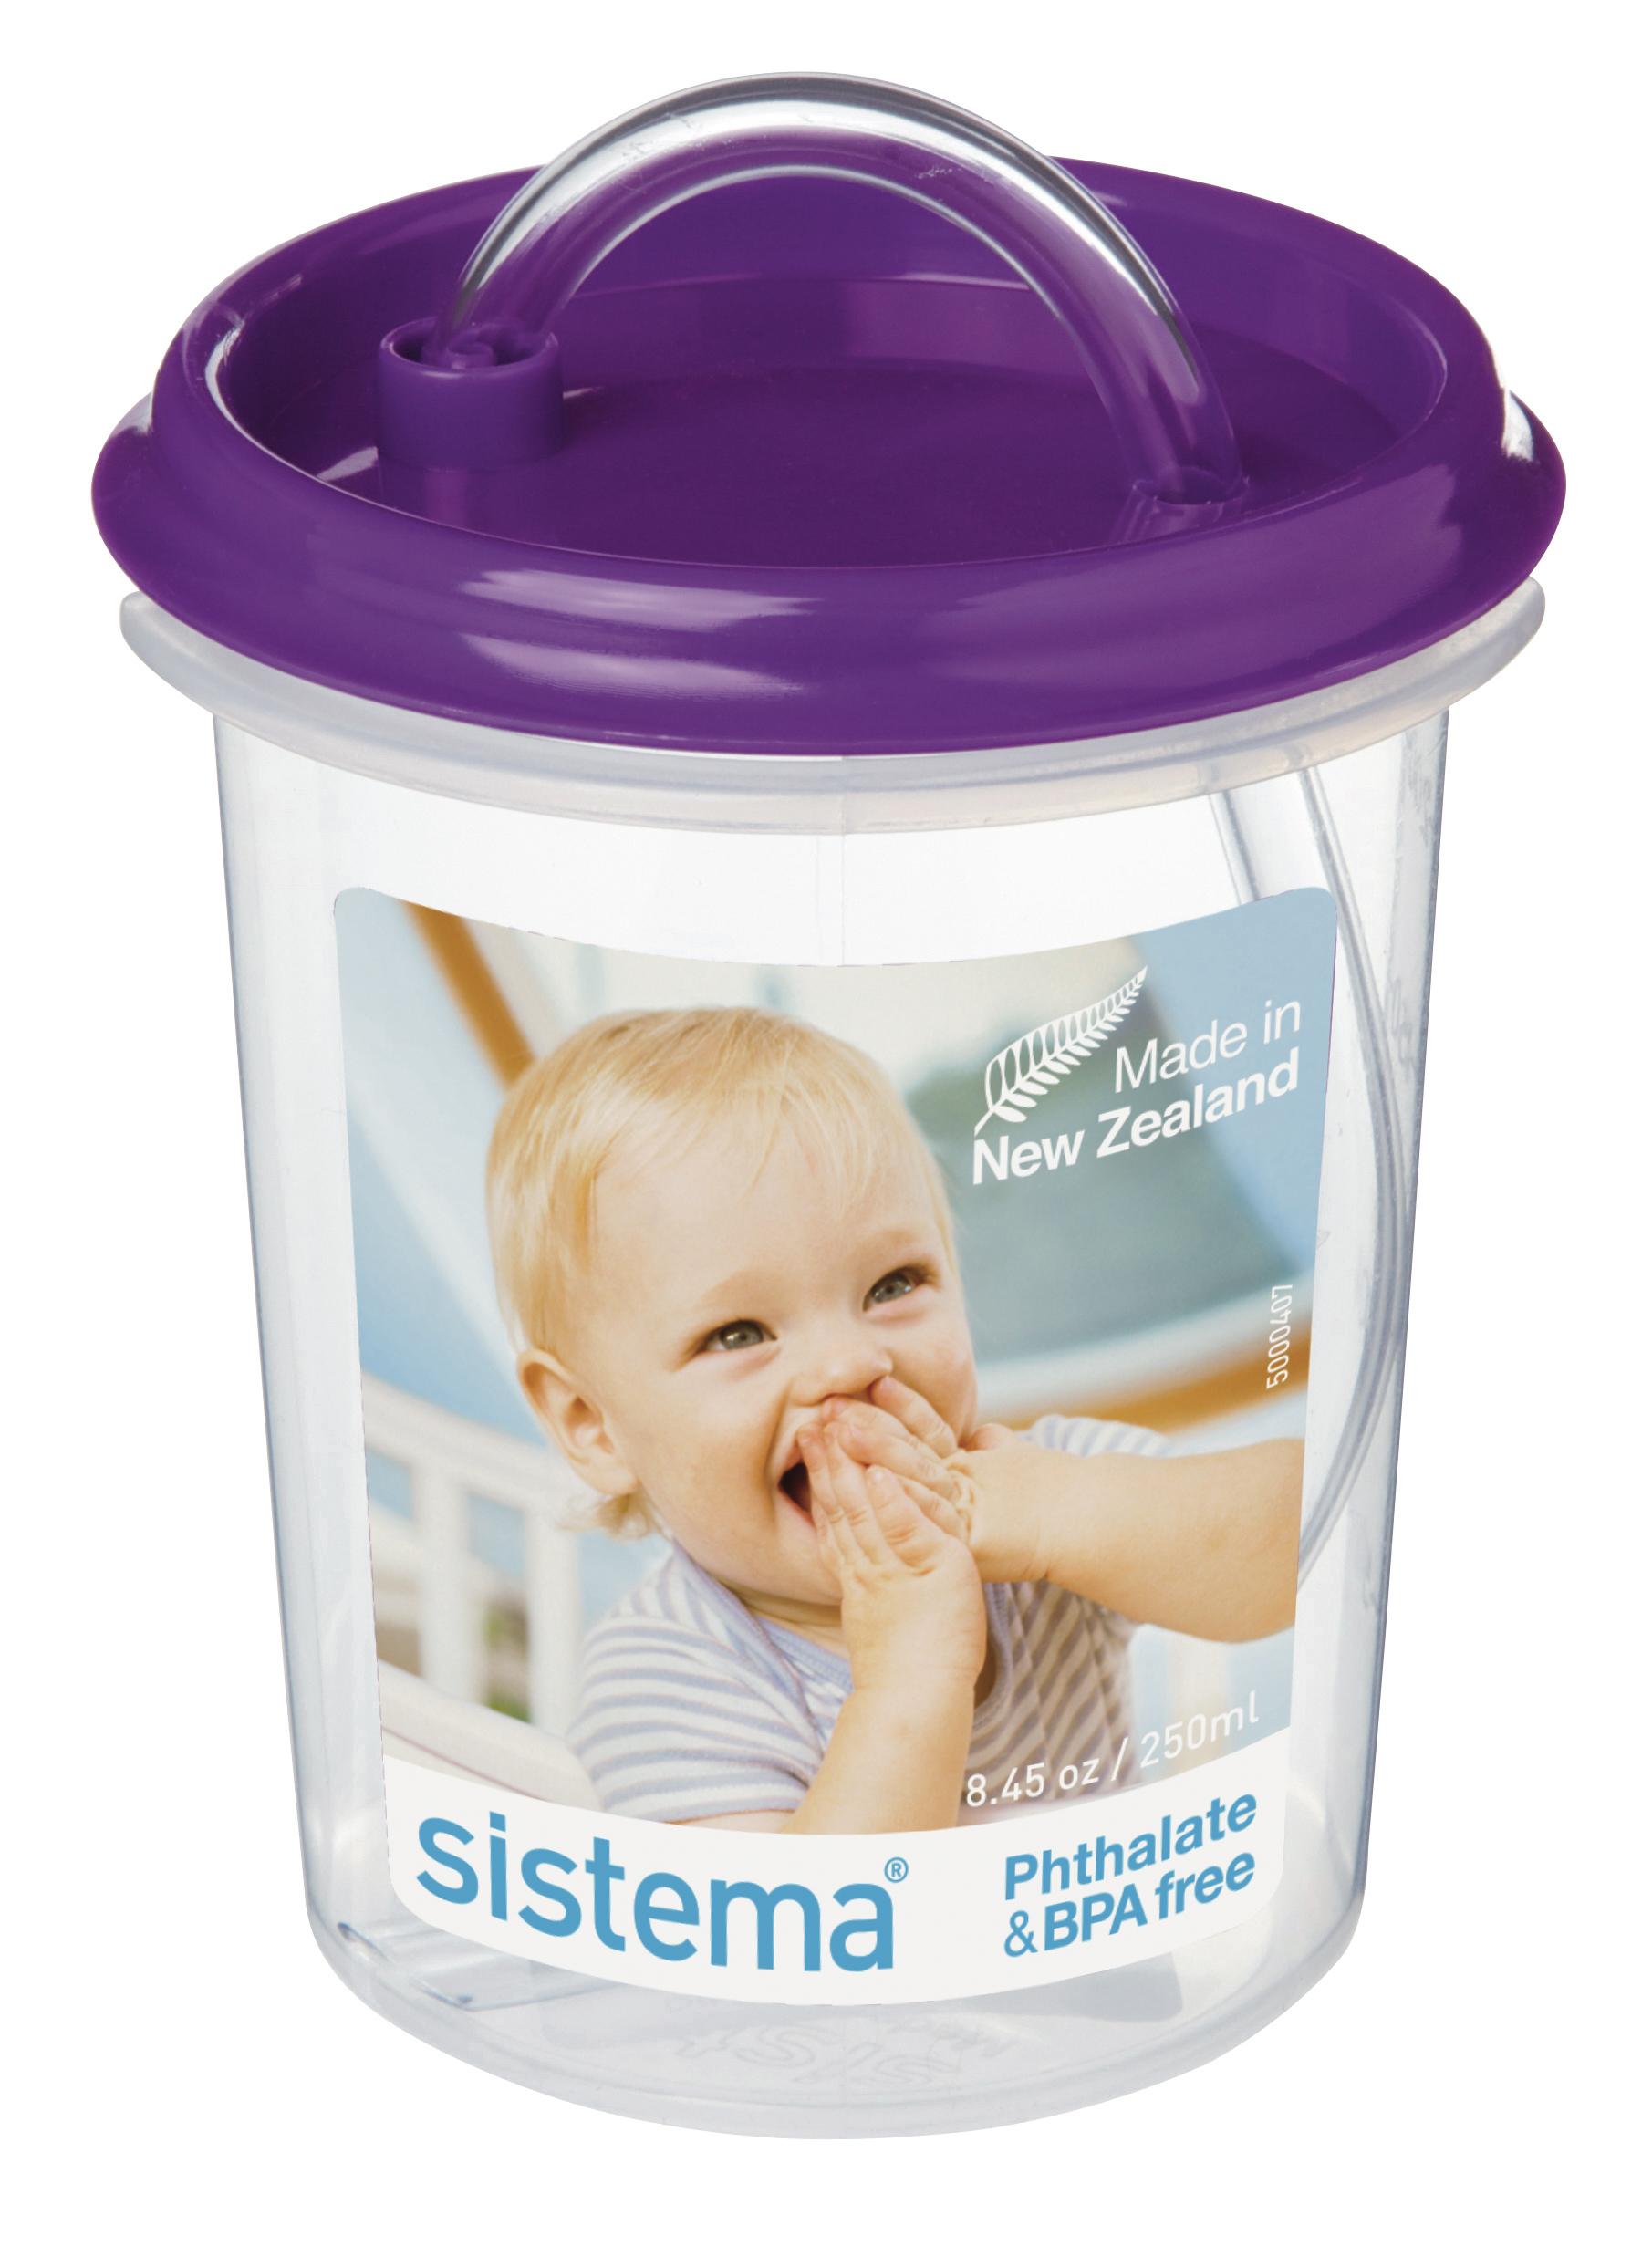 Чашка детская Sistema, с трубочкой, цвет: фиолетовый, 250 мл54 009312Детскую чашку с трубочкой Dinkee Straw можно трясти, опрокидывать и даже подбрасывать в воздух – содержимое не прольется, удобна для детских ручек. Удобная поилка с крышкой-непроливайкой в дополнение к эргономичной форме и яркой расцветке делают данную чашку незаменимой в дороге, на прогулке, дома или на даче . Именно благодаря простоте и комфорту в использовании, качественным материалам и стильному дизайну, чашка с трубочкой так популярна. Можно мыть в посудомоечной машине.